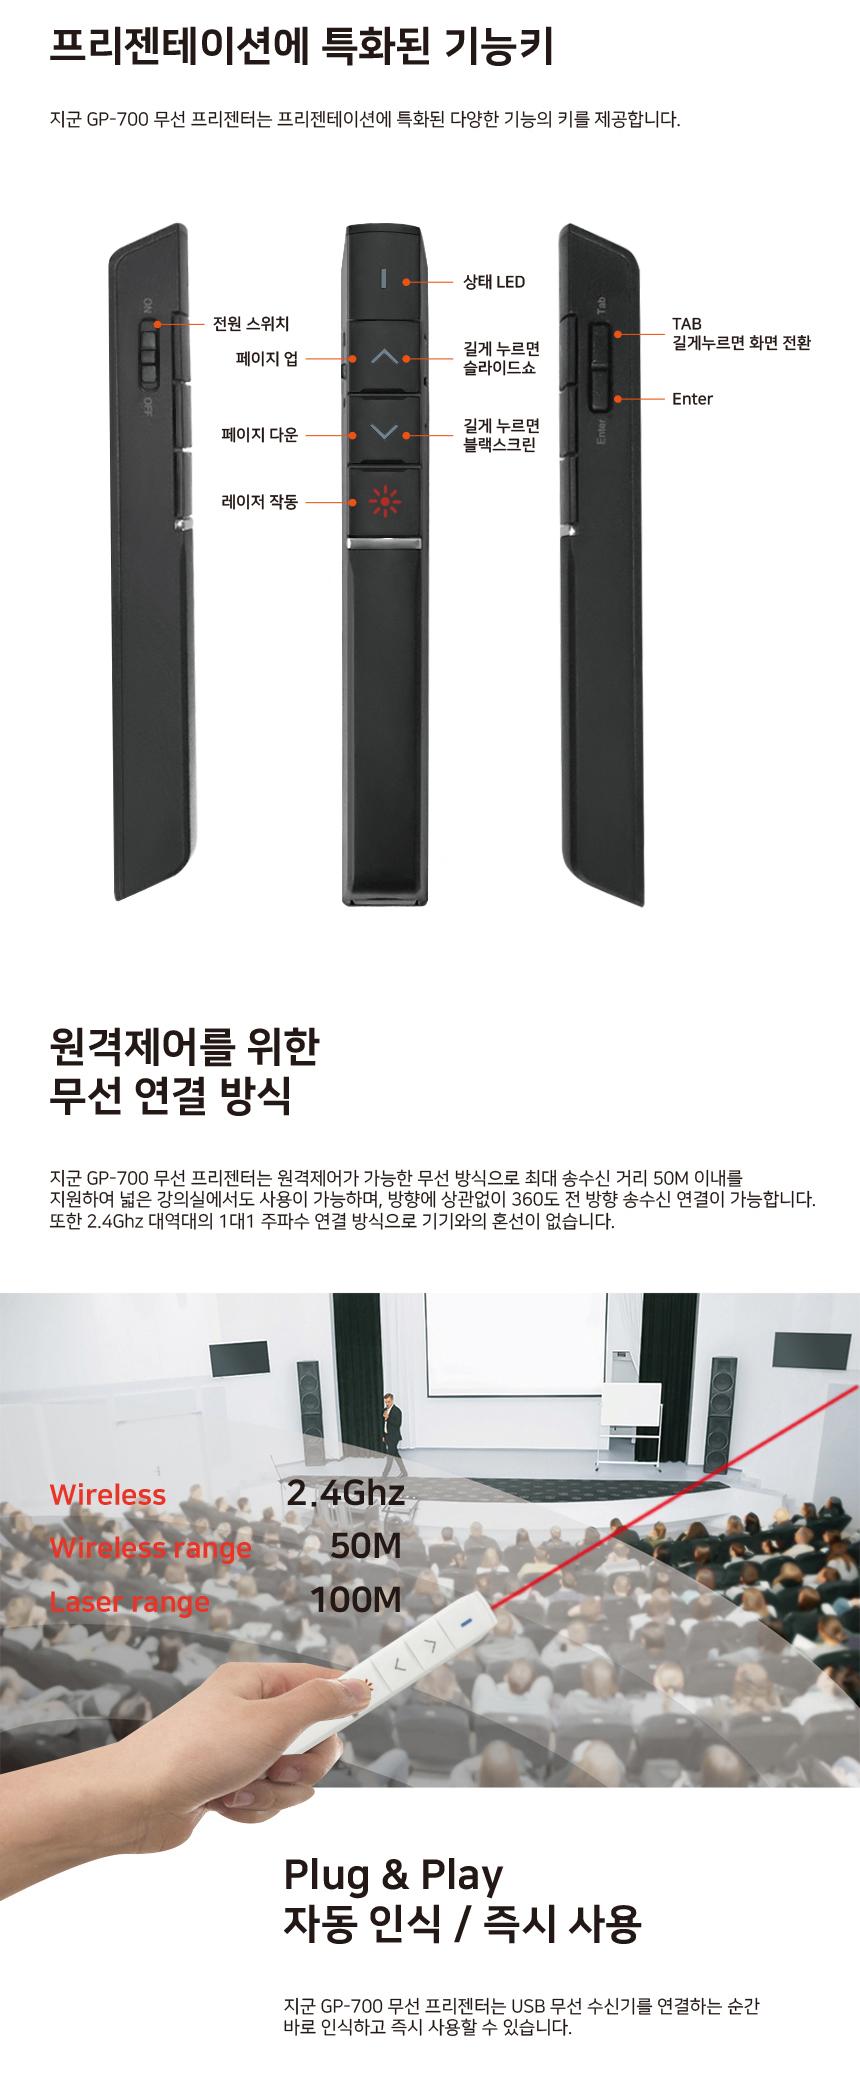 G-GOON GP-700 화이트 무선프리젠터&레이져포인터 (정품)